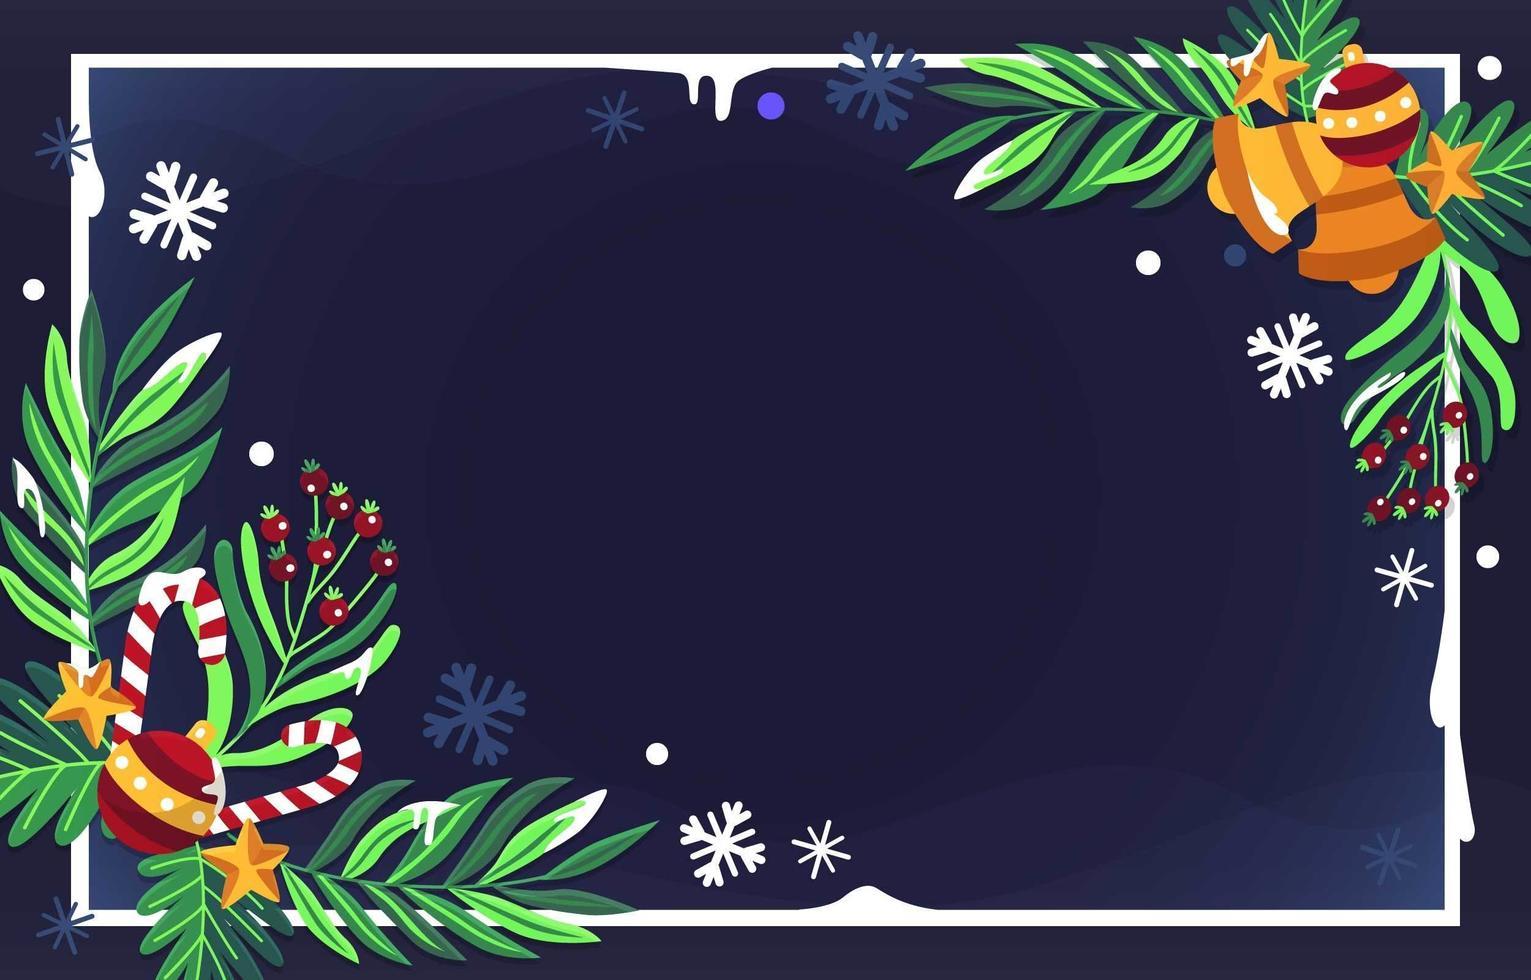 platt dekoration jul bakgrund vektor